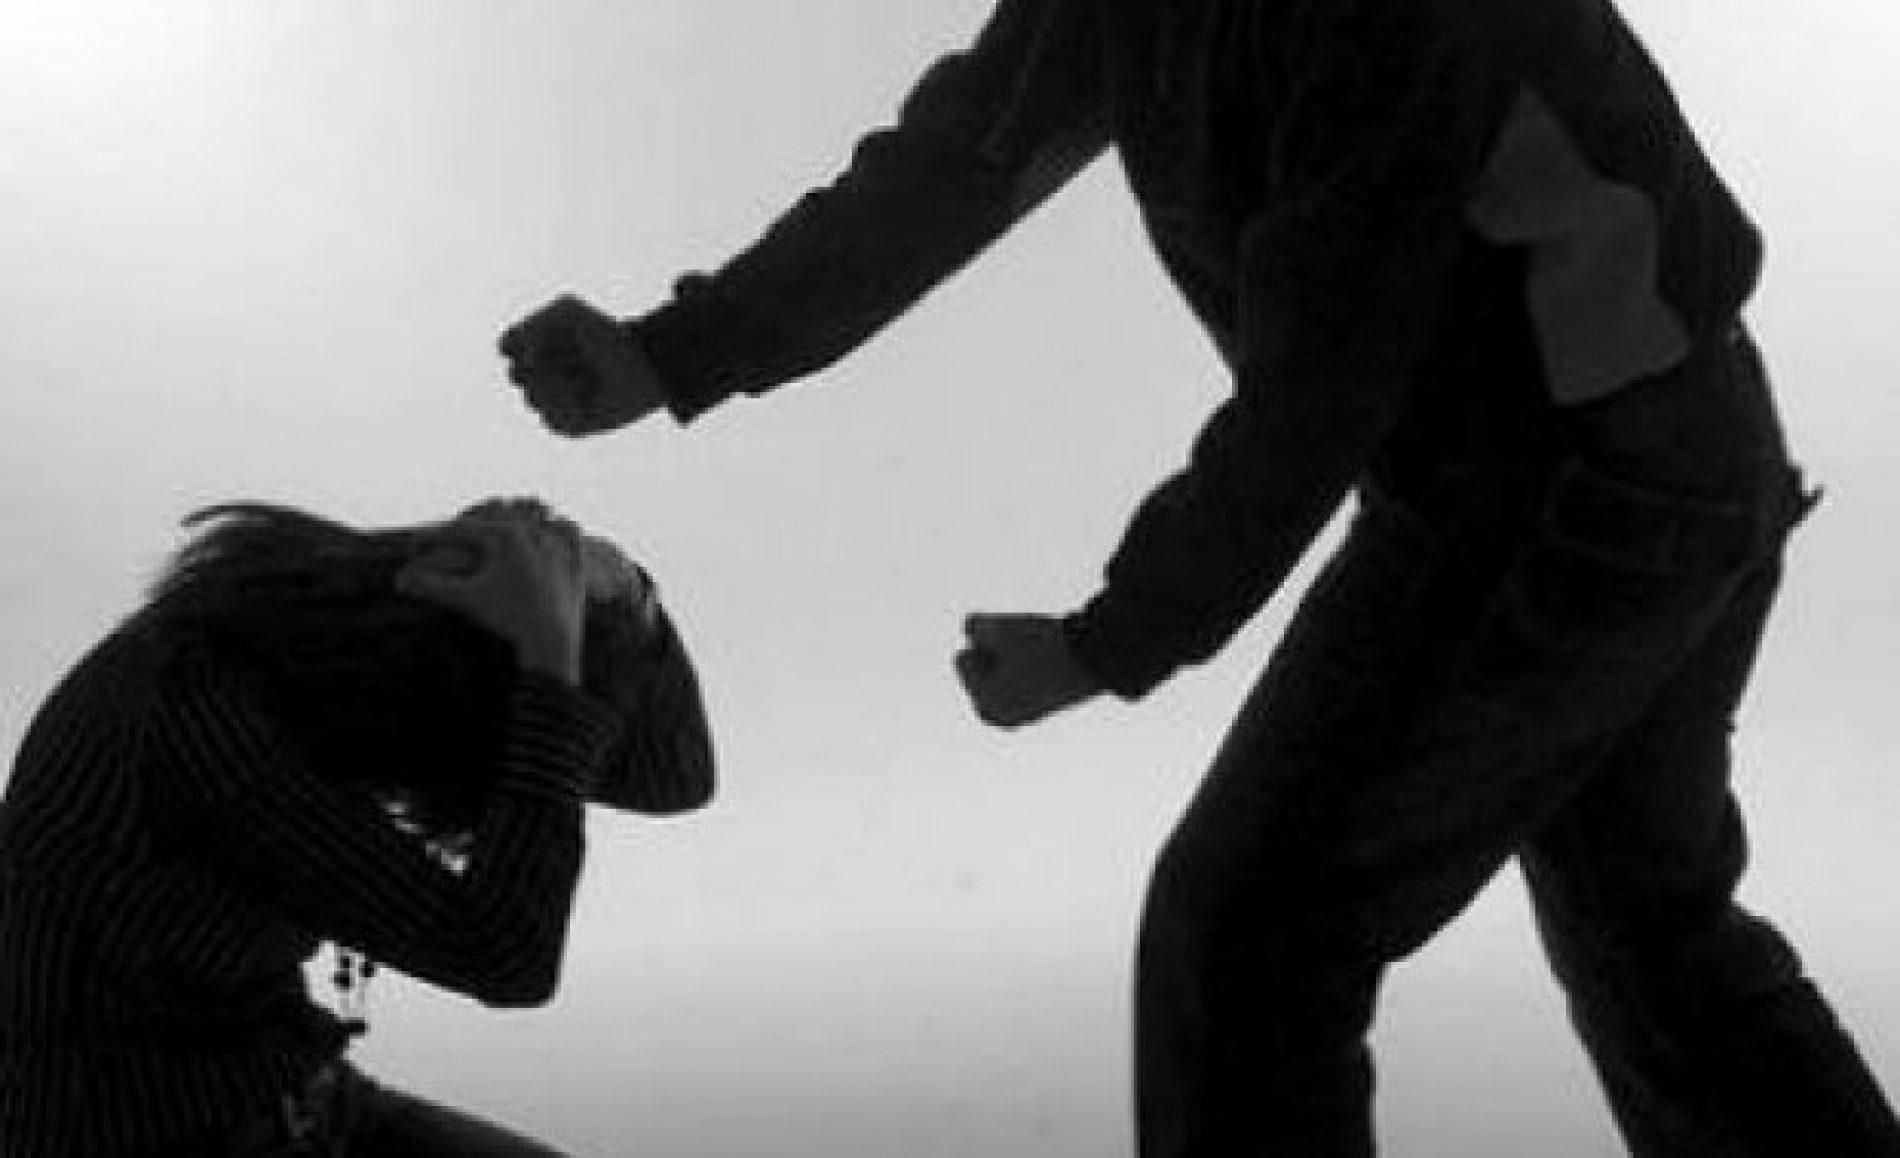 Homem é preso após Agredir Mãe com Socos na Cabeça e ameaçá-la de morte